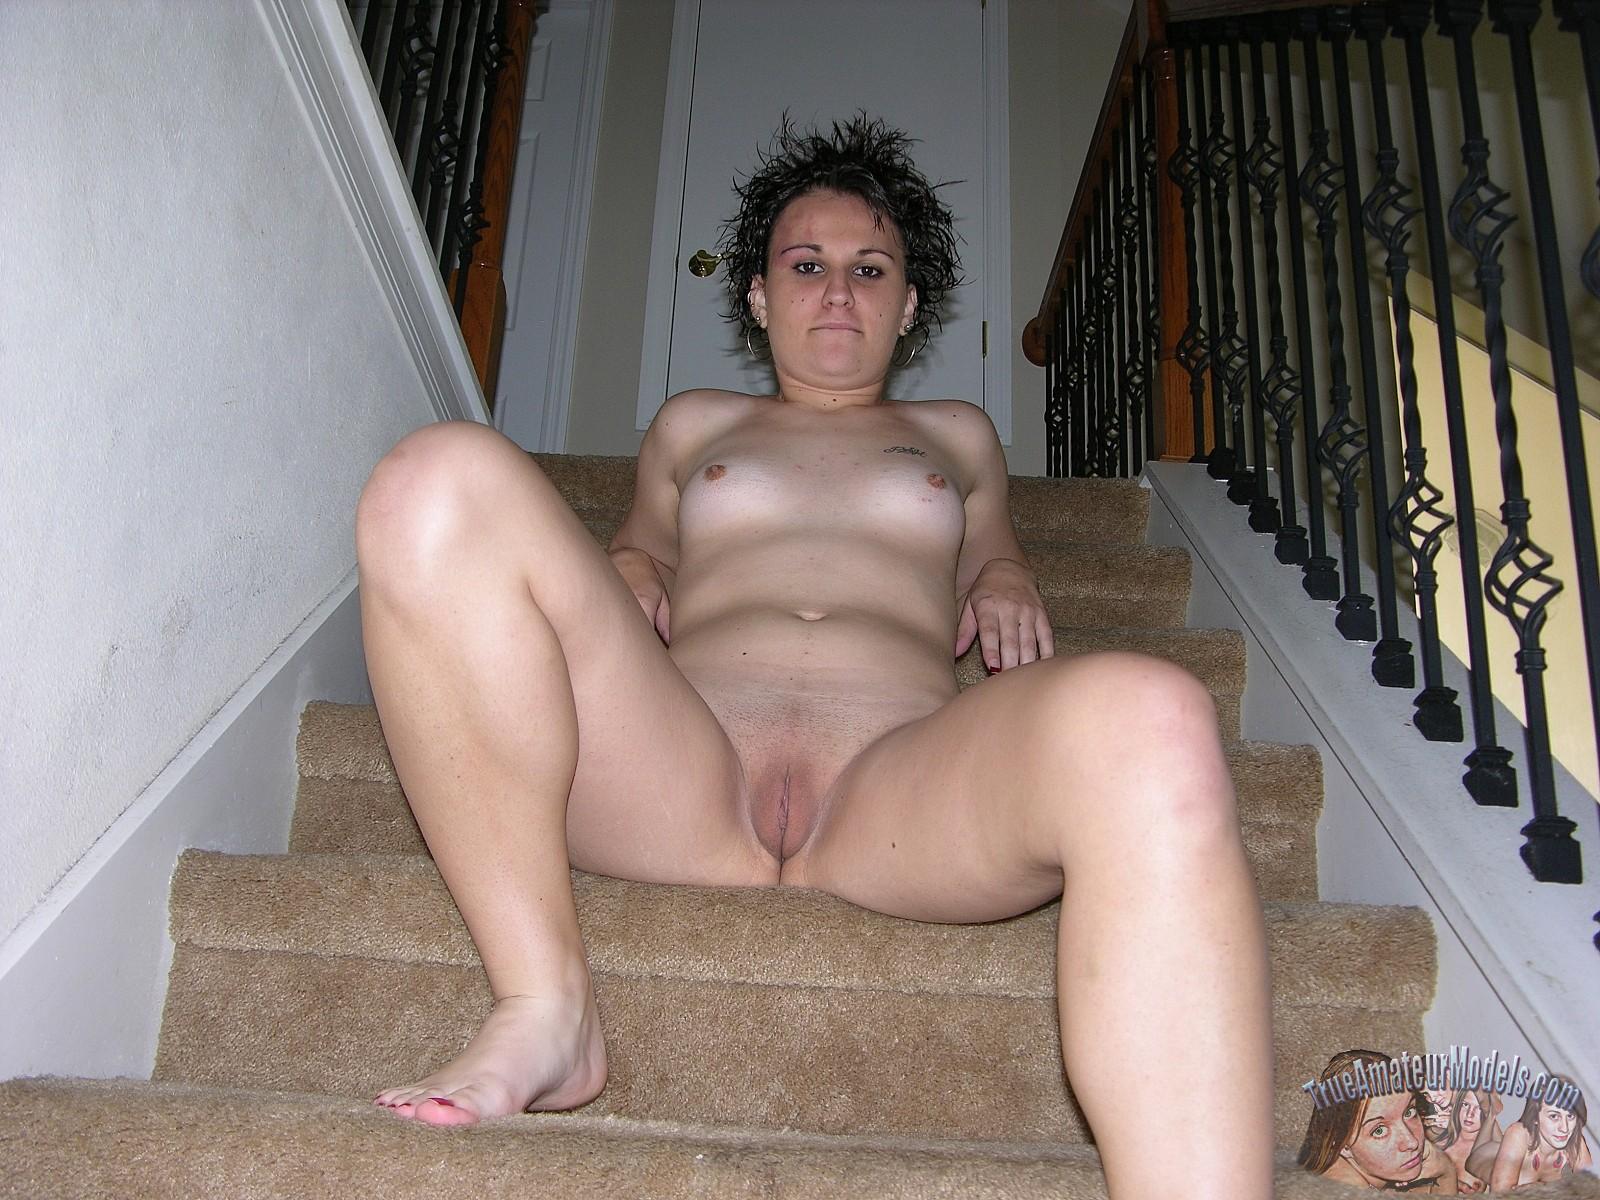 Pics of porn star mandingo